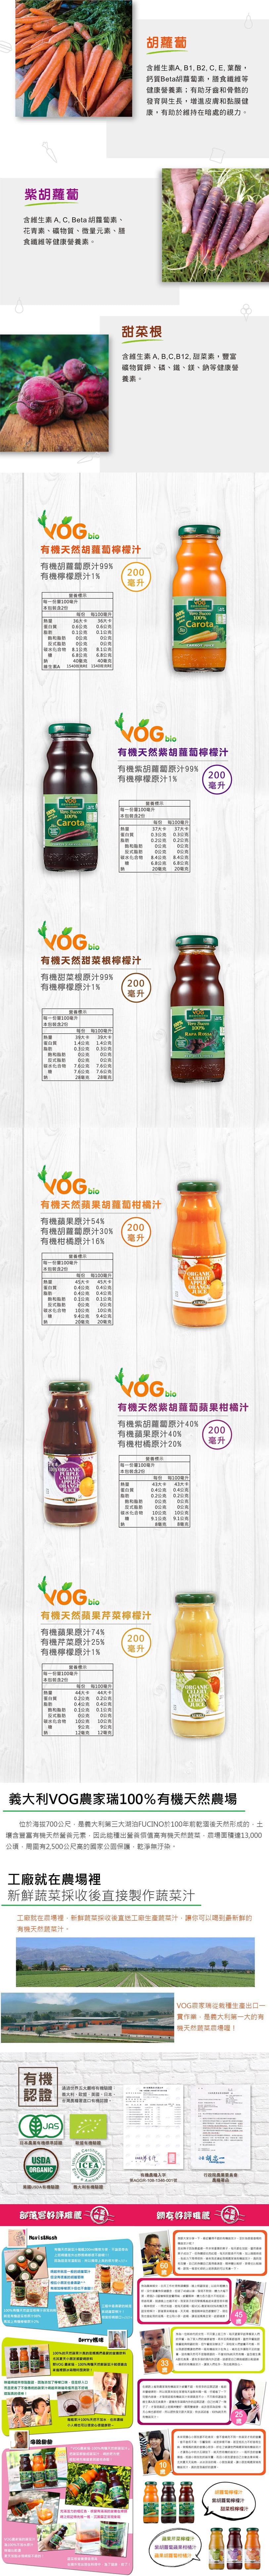 VOG農家瑞100%有機天然蔬果汁 1